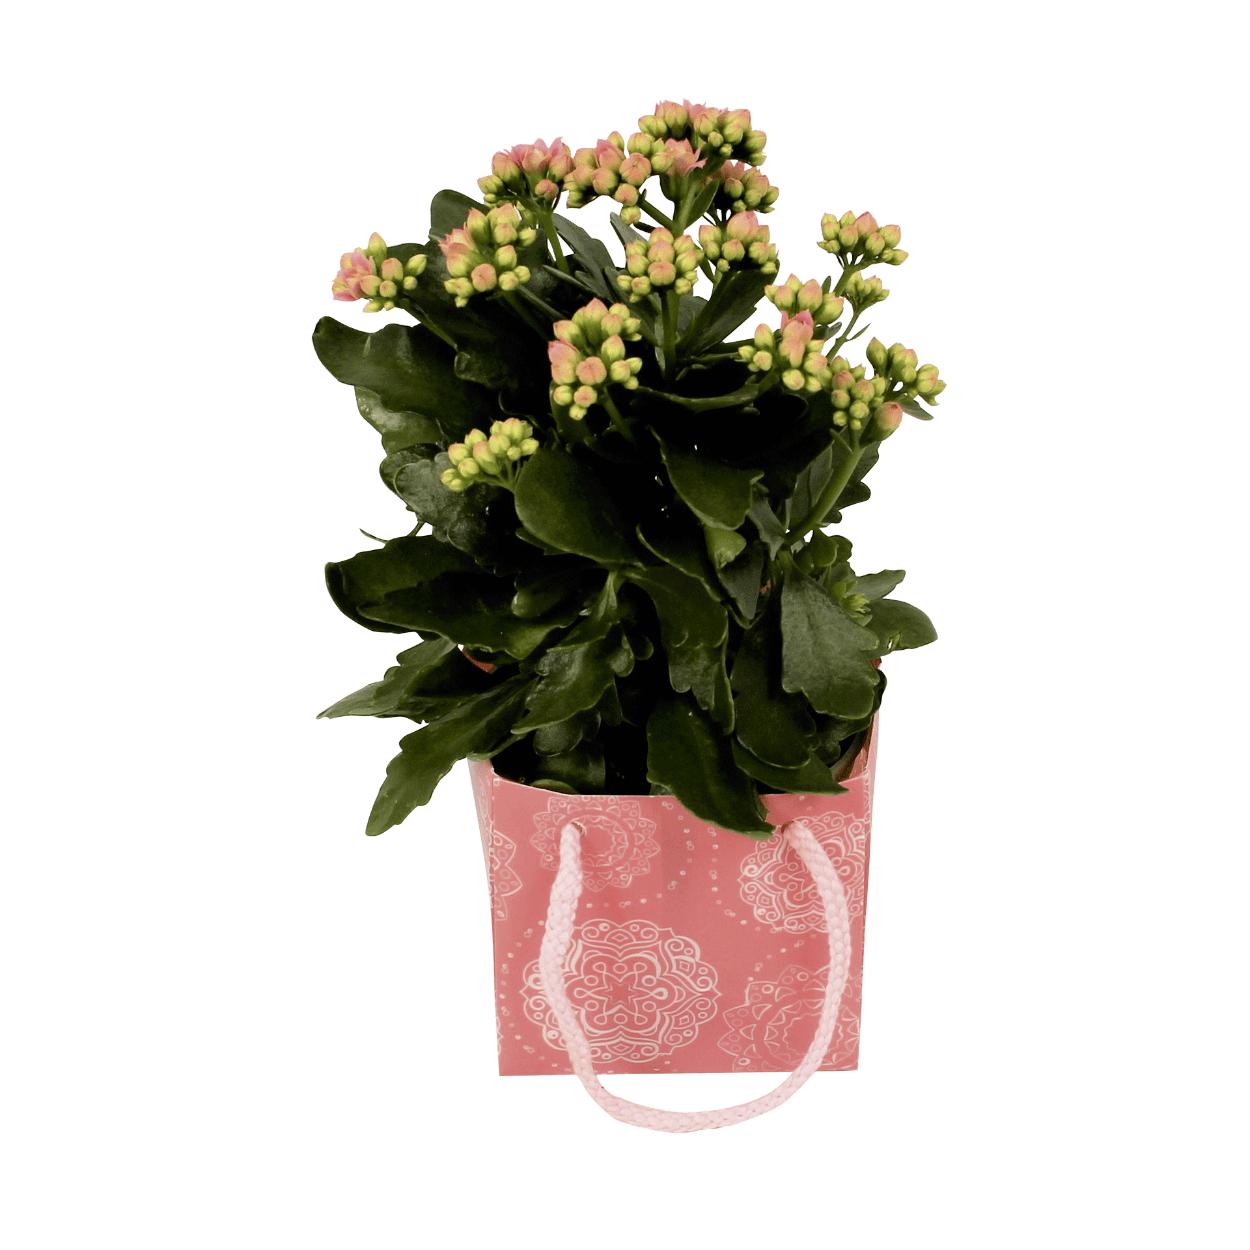 Sélection de plantes et de bouquets Gardenline à partir de 2.49 € - Ex : Kalanchoe